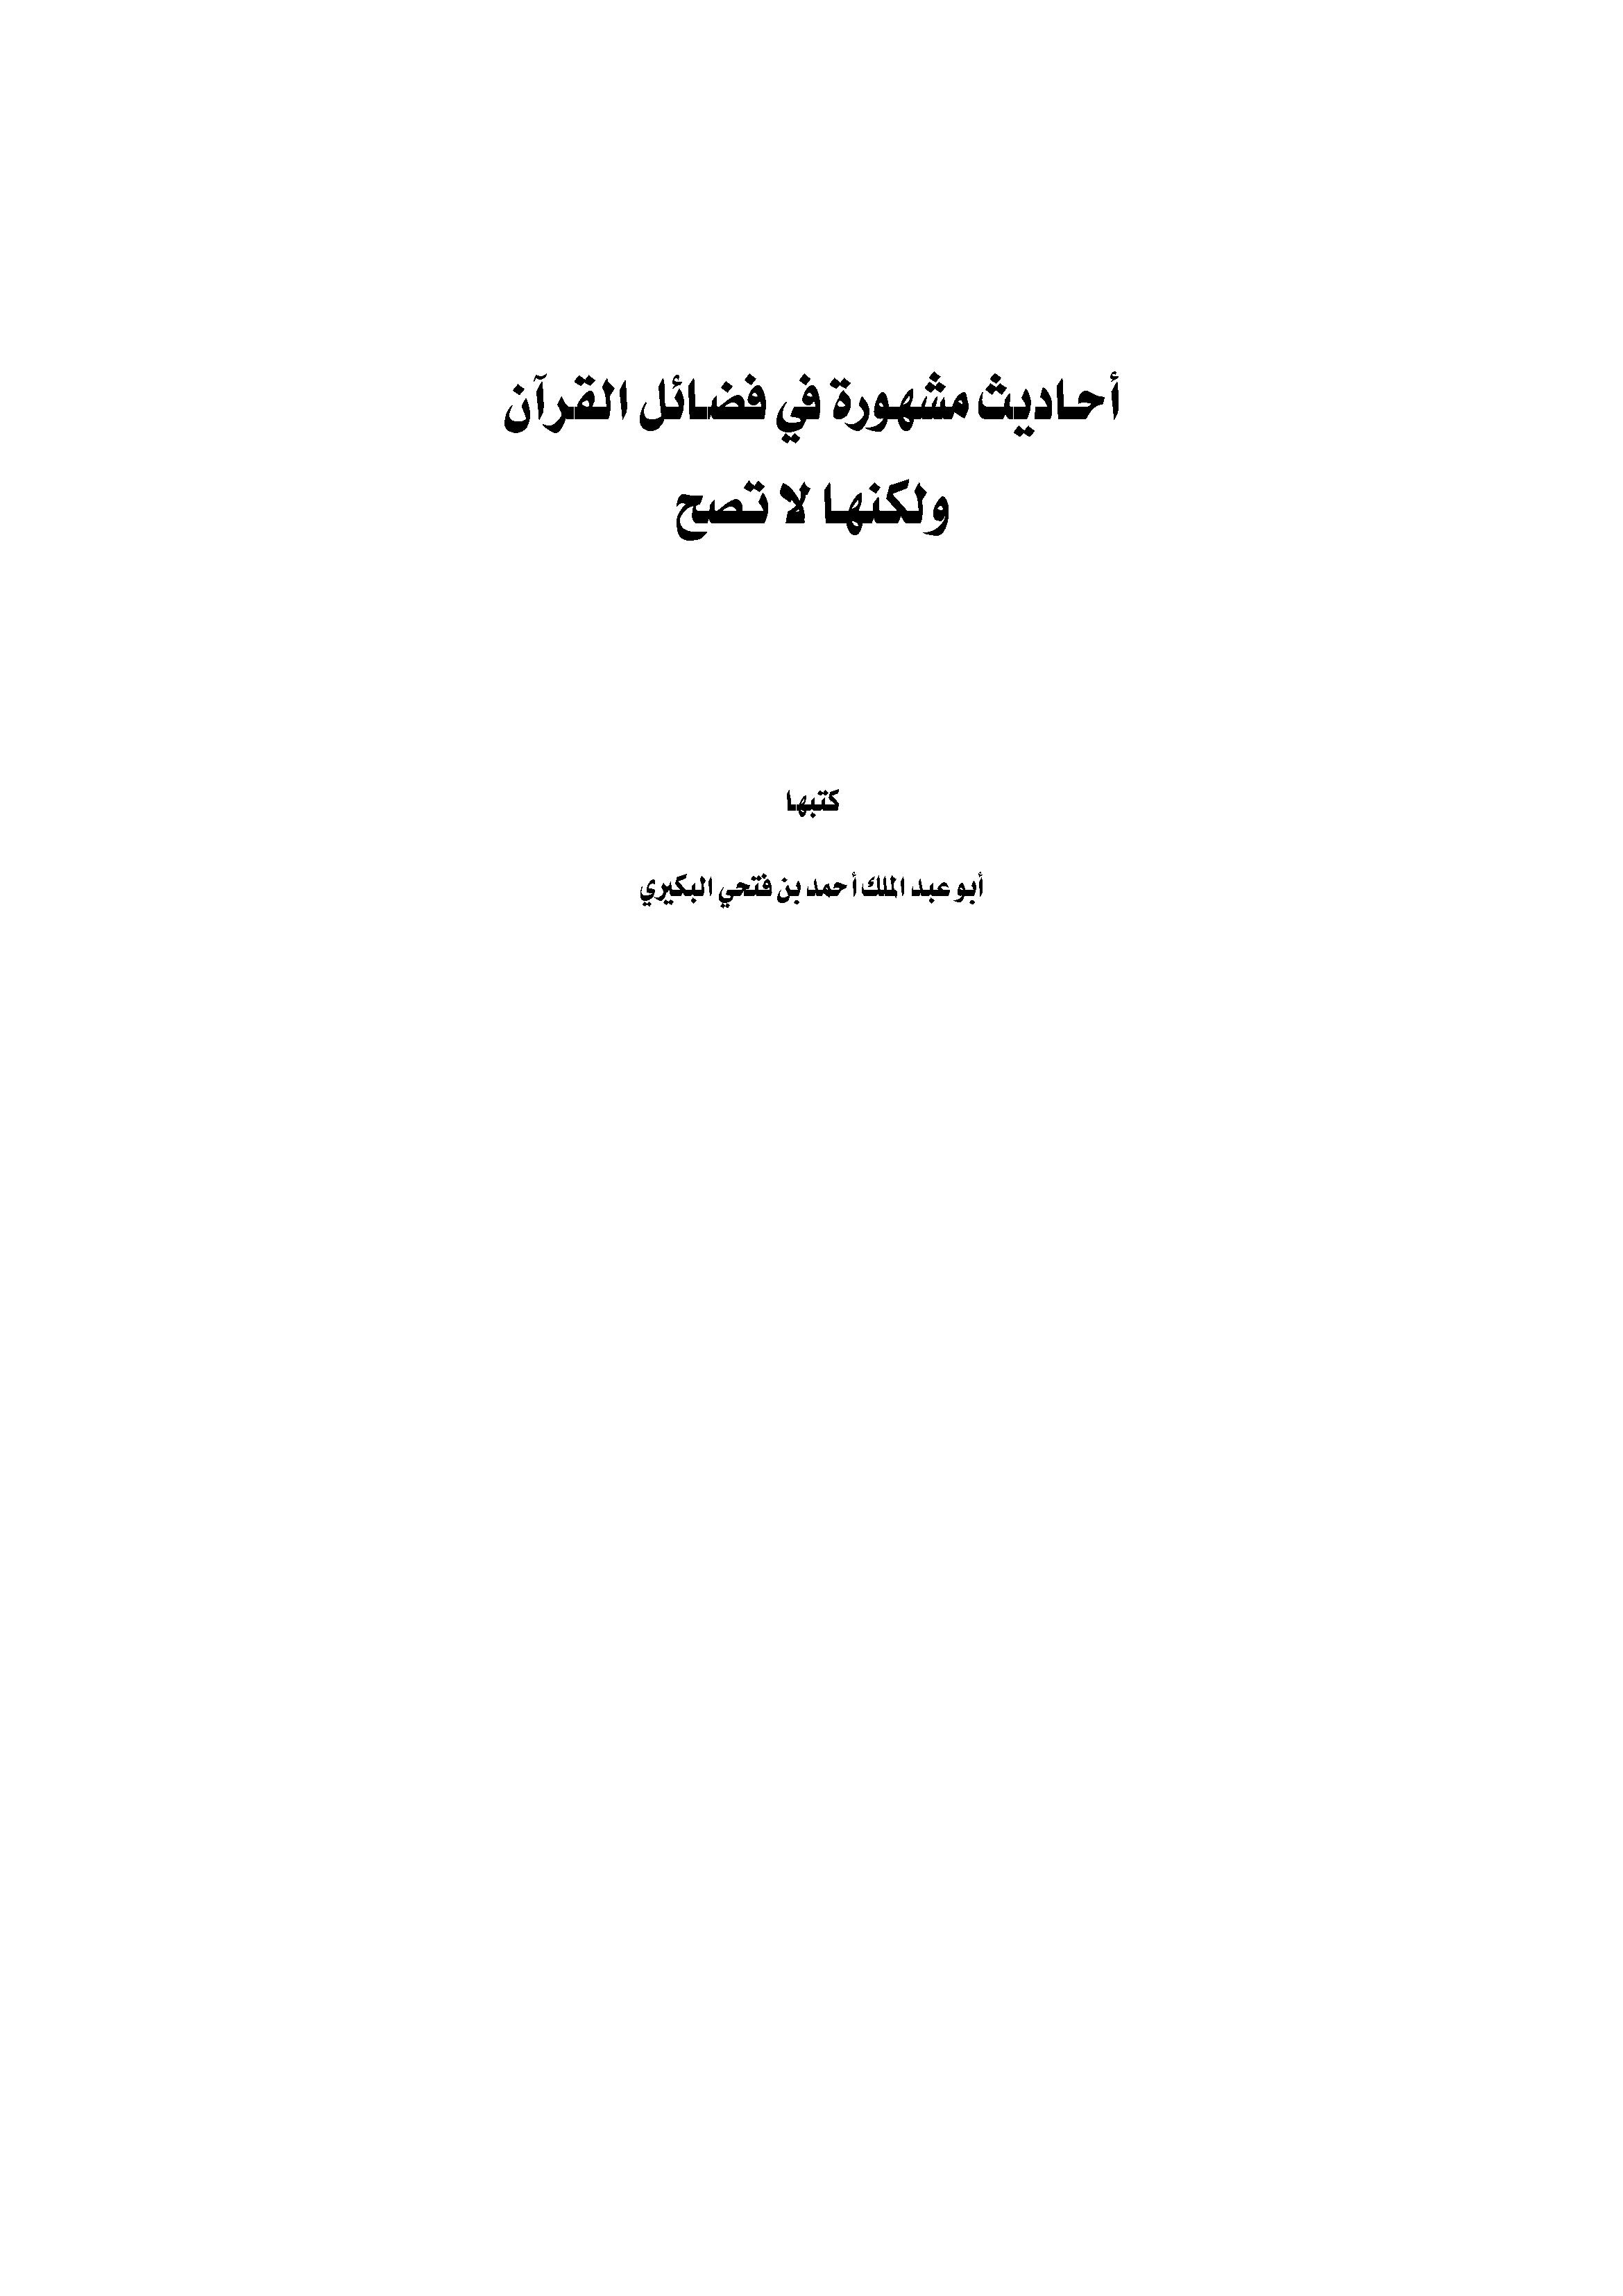 تحميل كتاب أحاديث مشهورة في فضائل القرآن ولكنها لا تصح لـِ: أبو عبد الملك أحمد بن فتحي البكيري